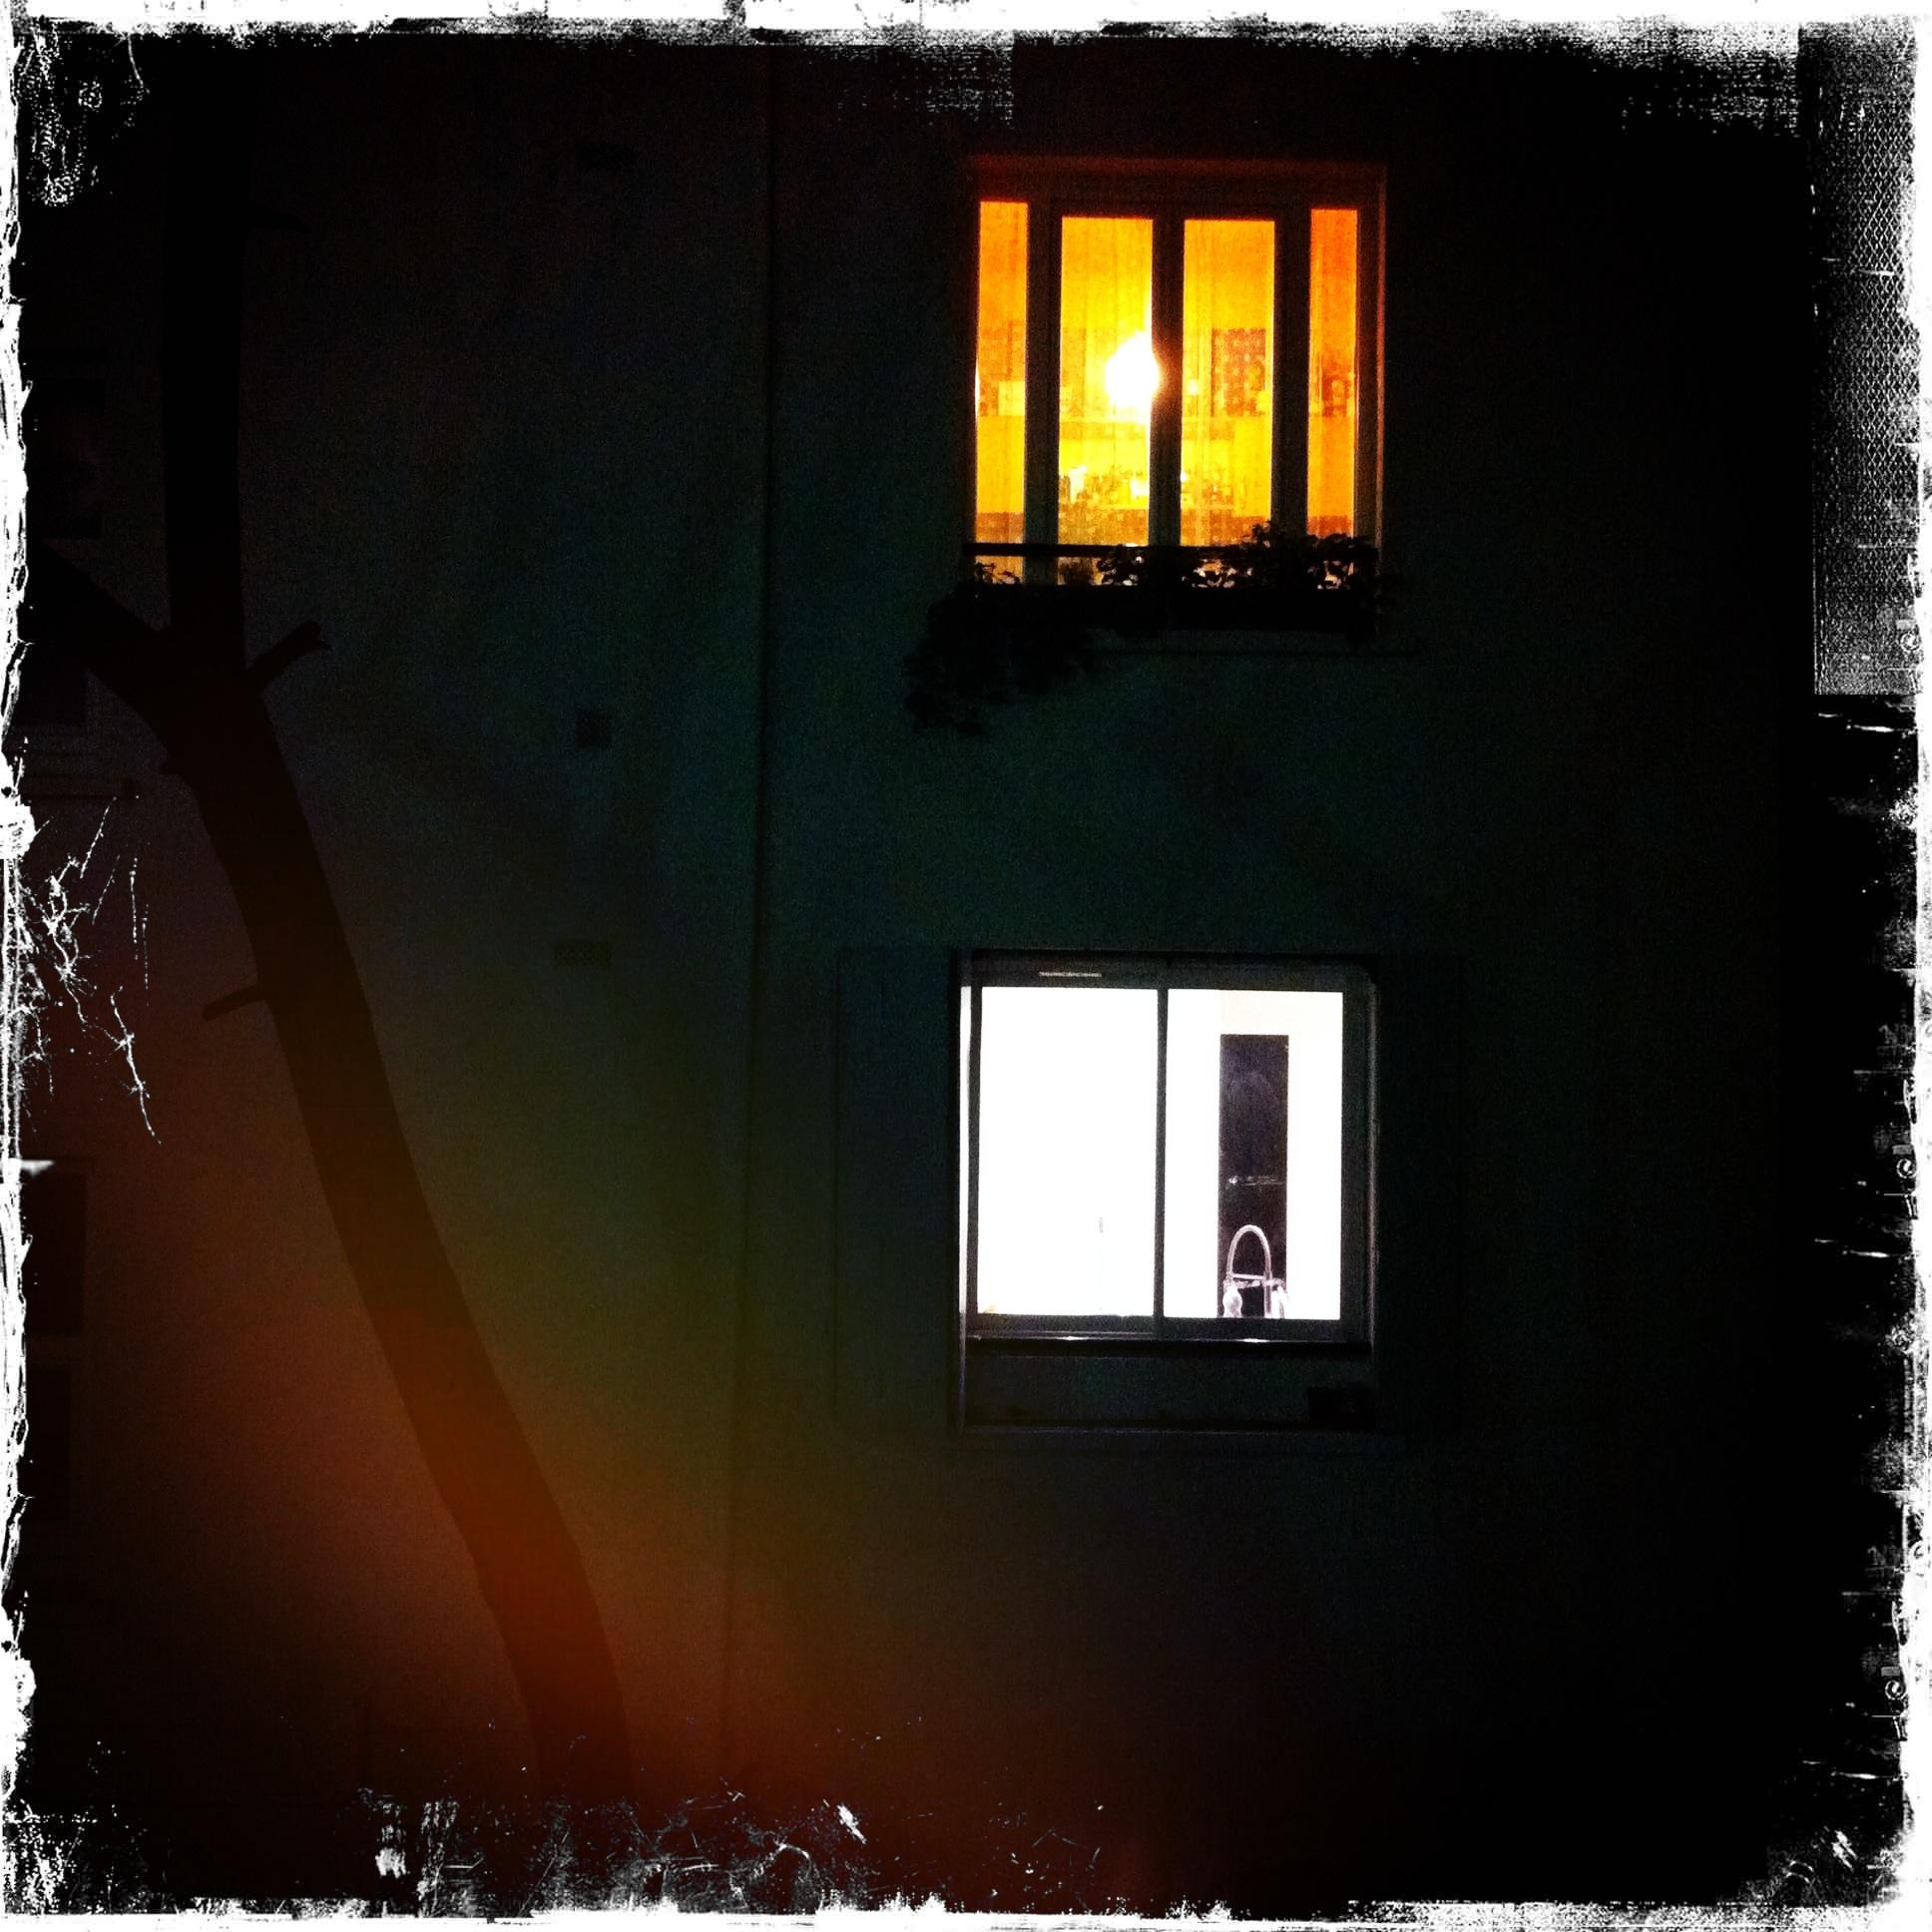 2 mois à l'hosto #8 - Fenêtre sur cour 3